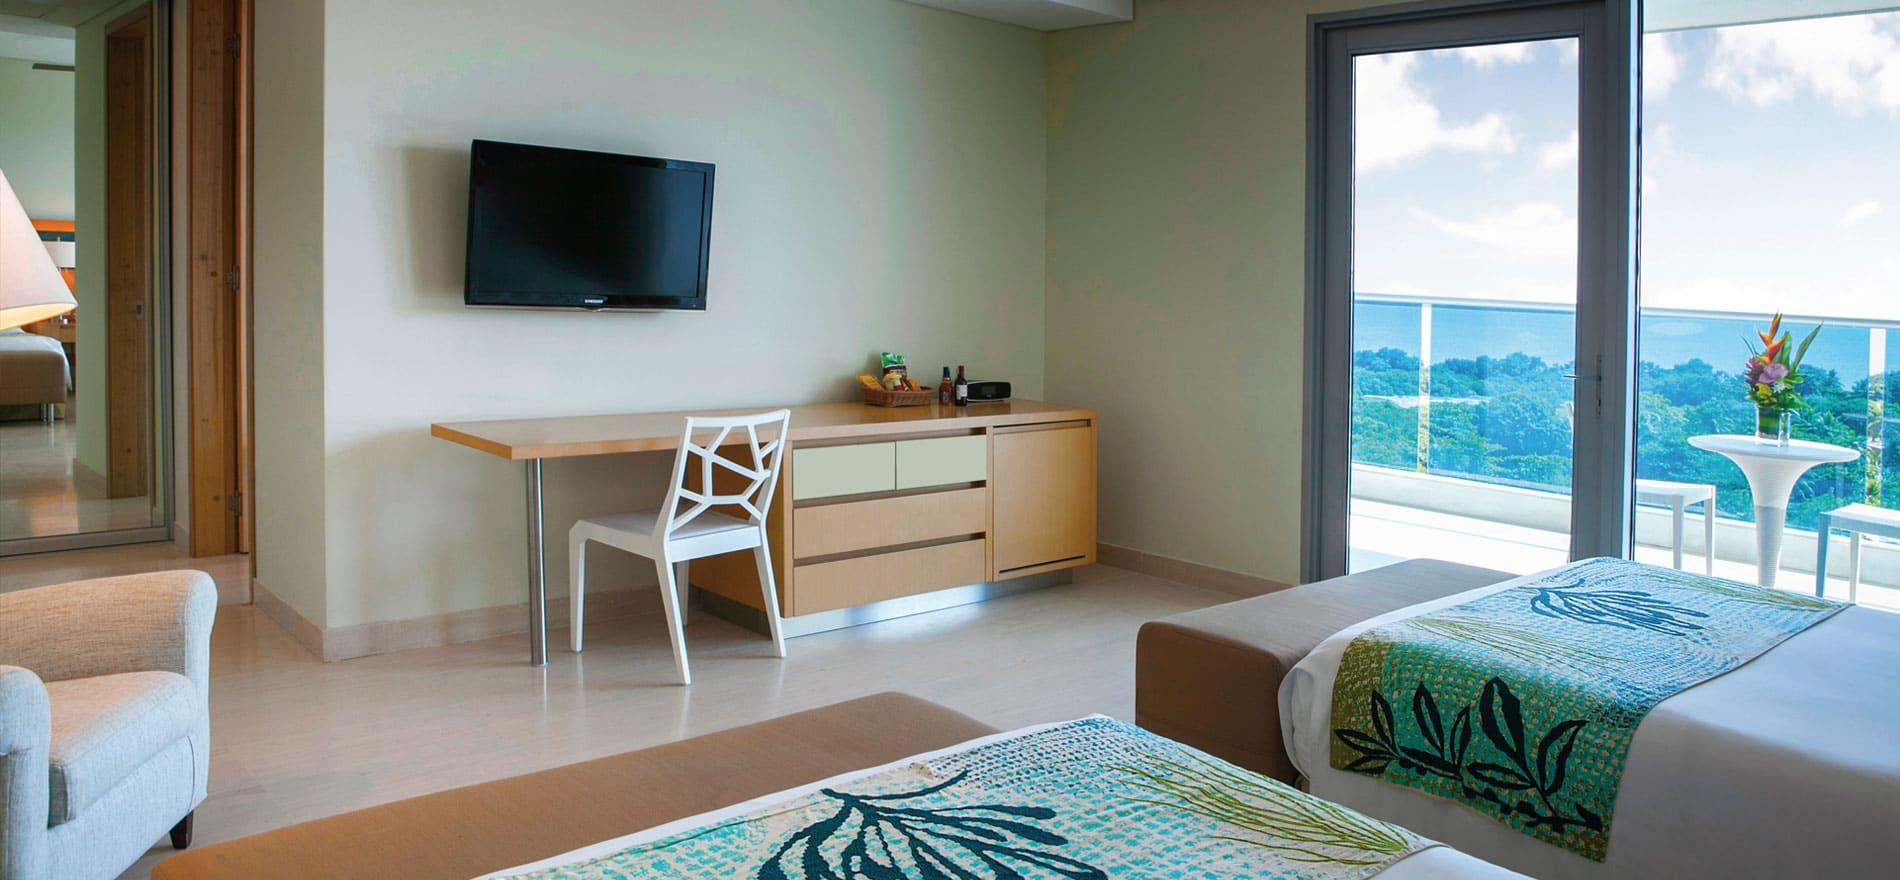 Habitaciones en cartagena Ejecutiva en el hotel Torre del Mar